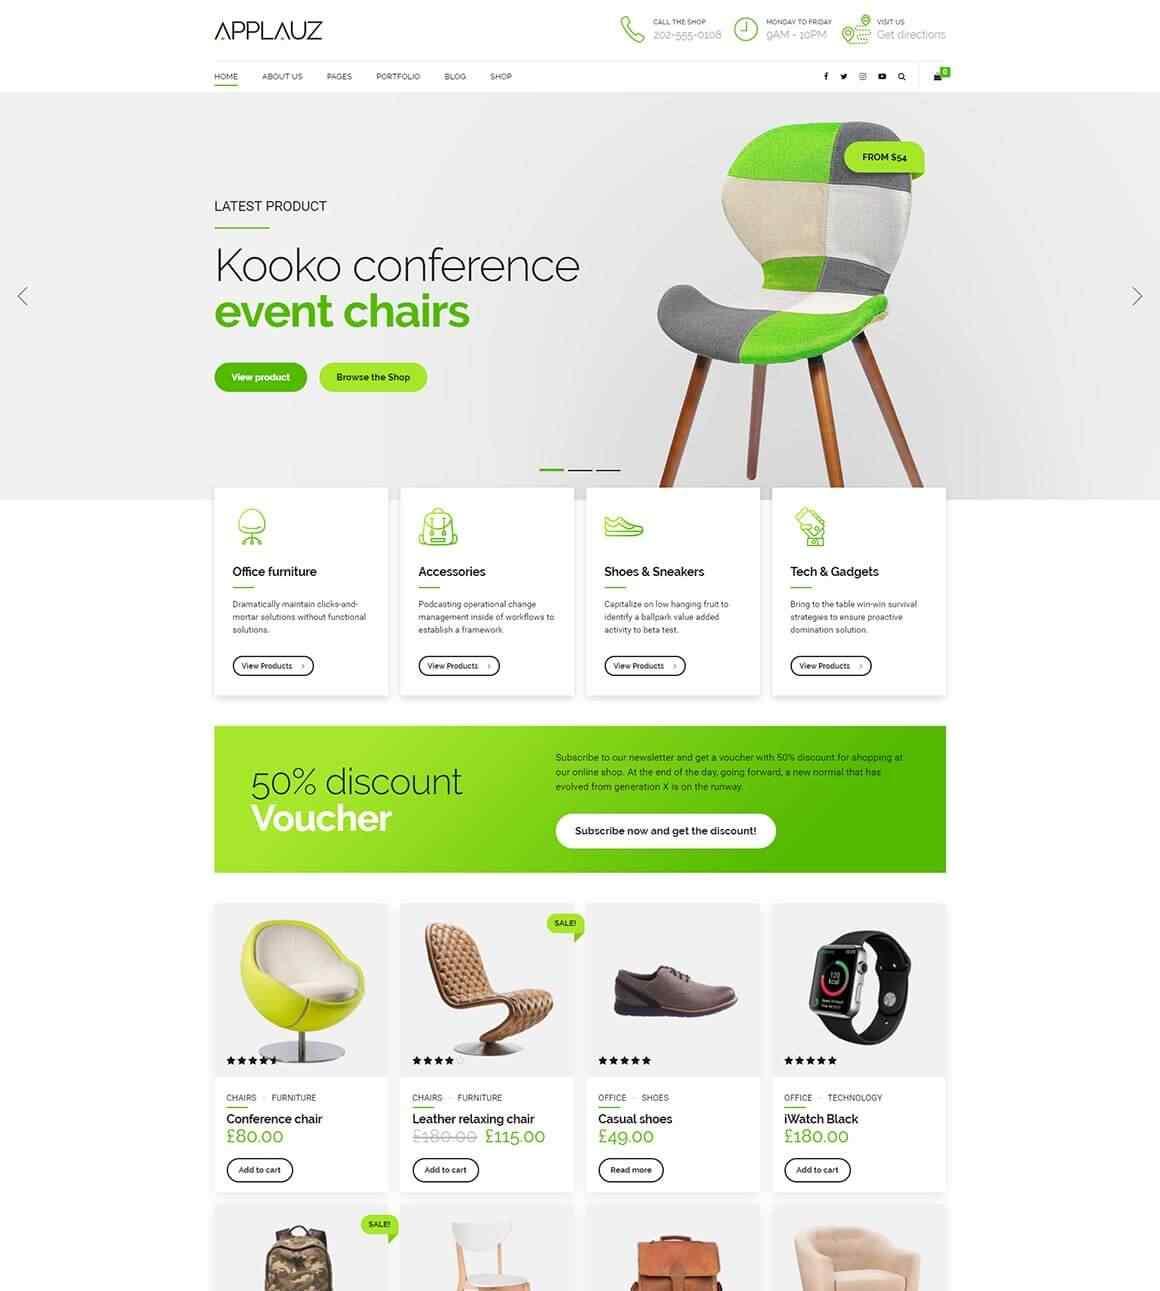 http://evogens.com.tr/wp-content/uploads/2017/11/Screenshot-Shop.jpg